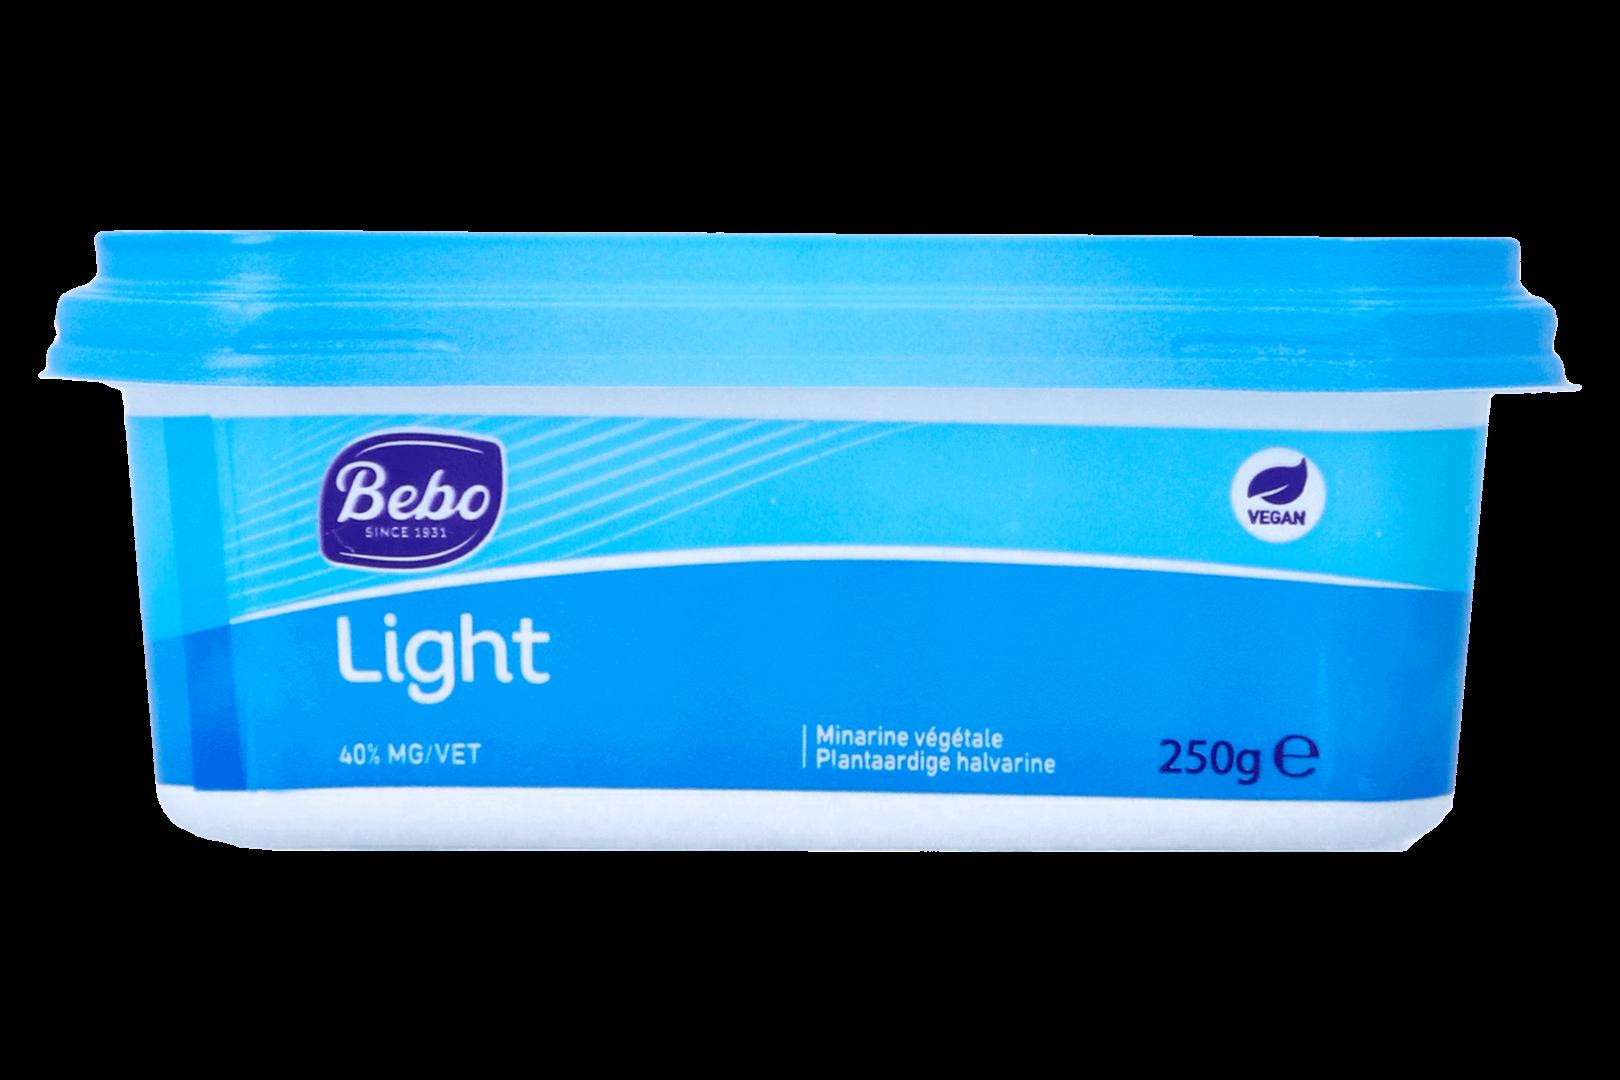 Productafbeelding BEBO Light 40% vet 250g